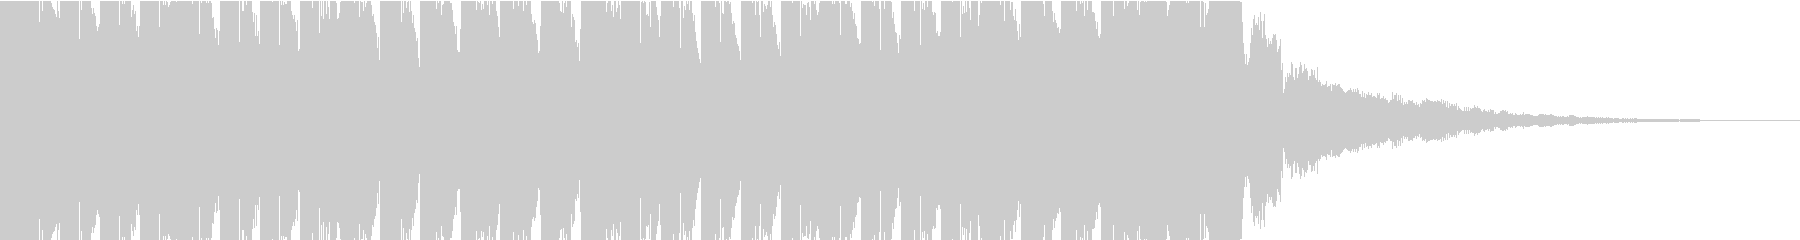 K-Popクラブ系ハードなEDMジングルの未再生の波形